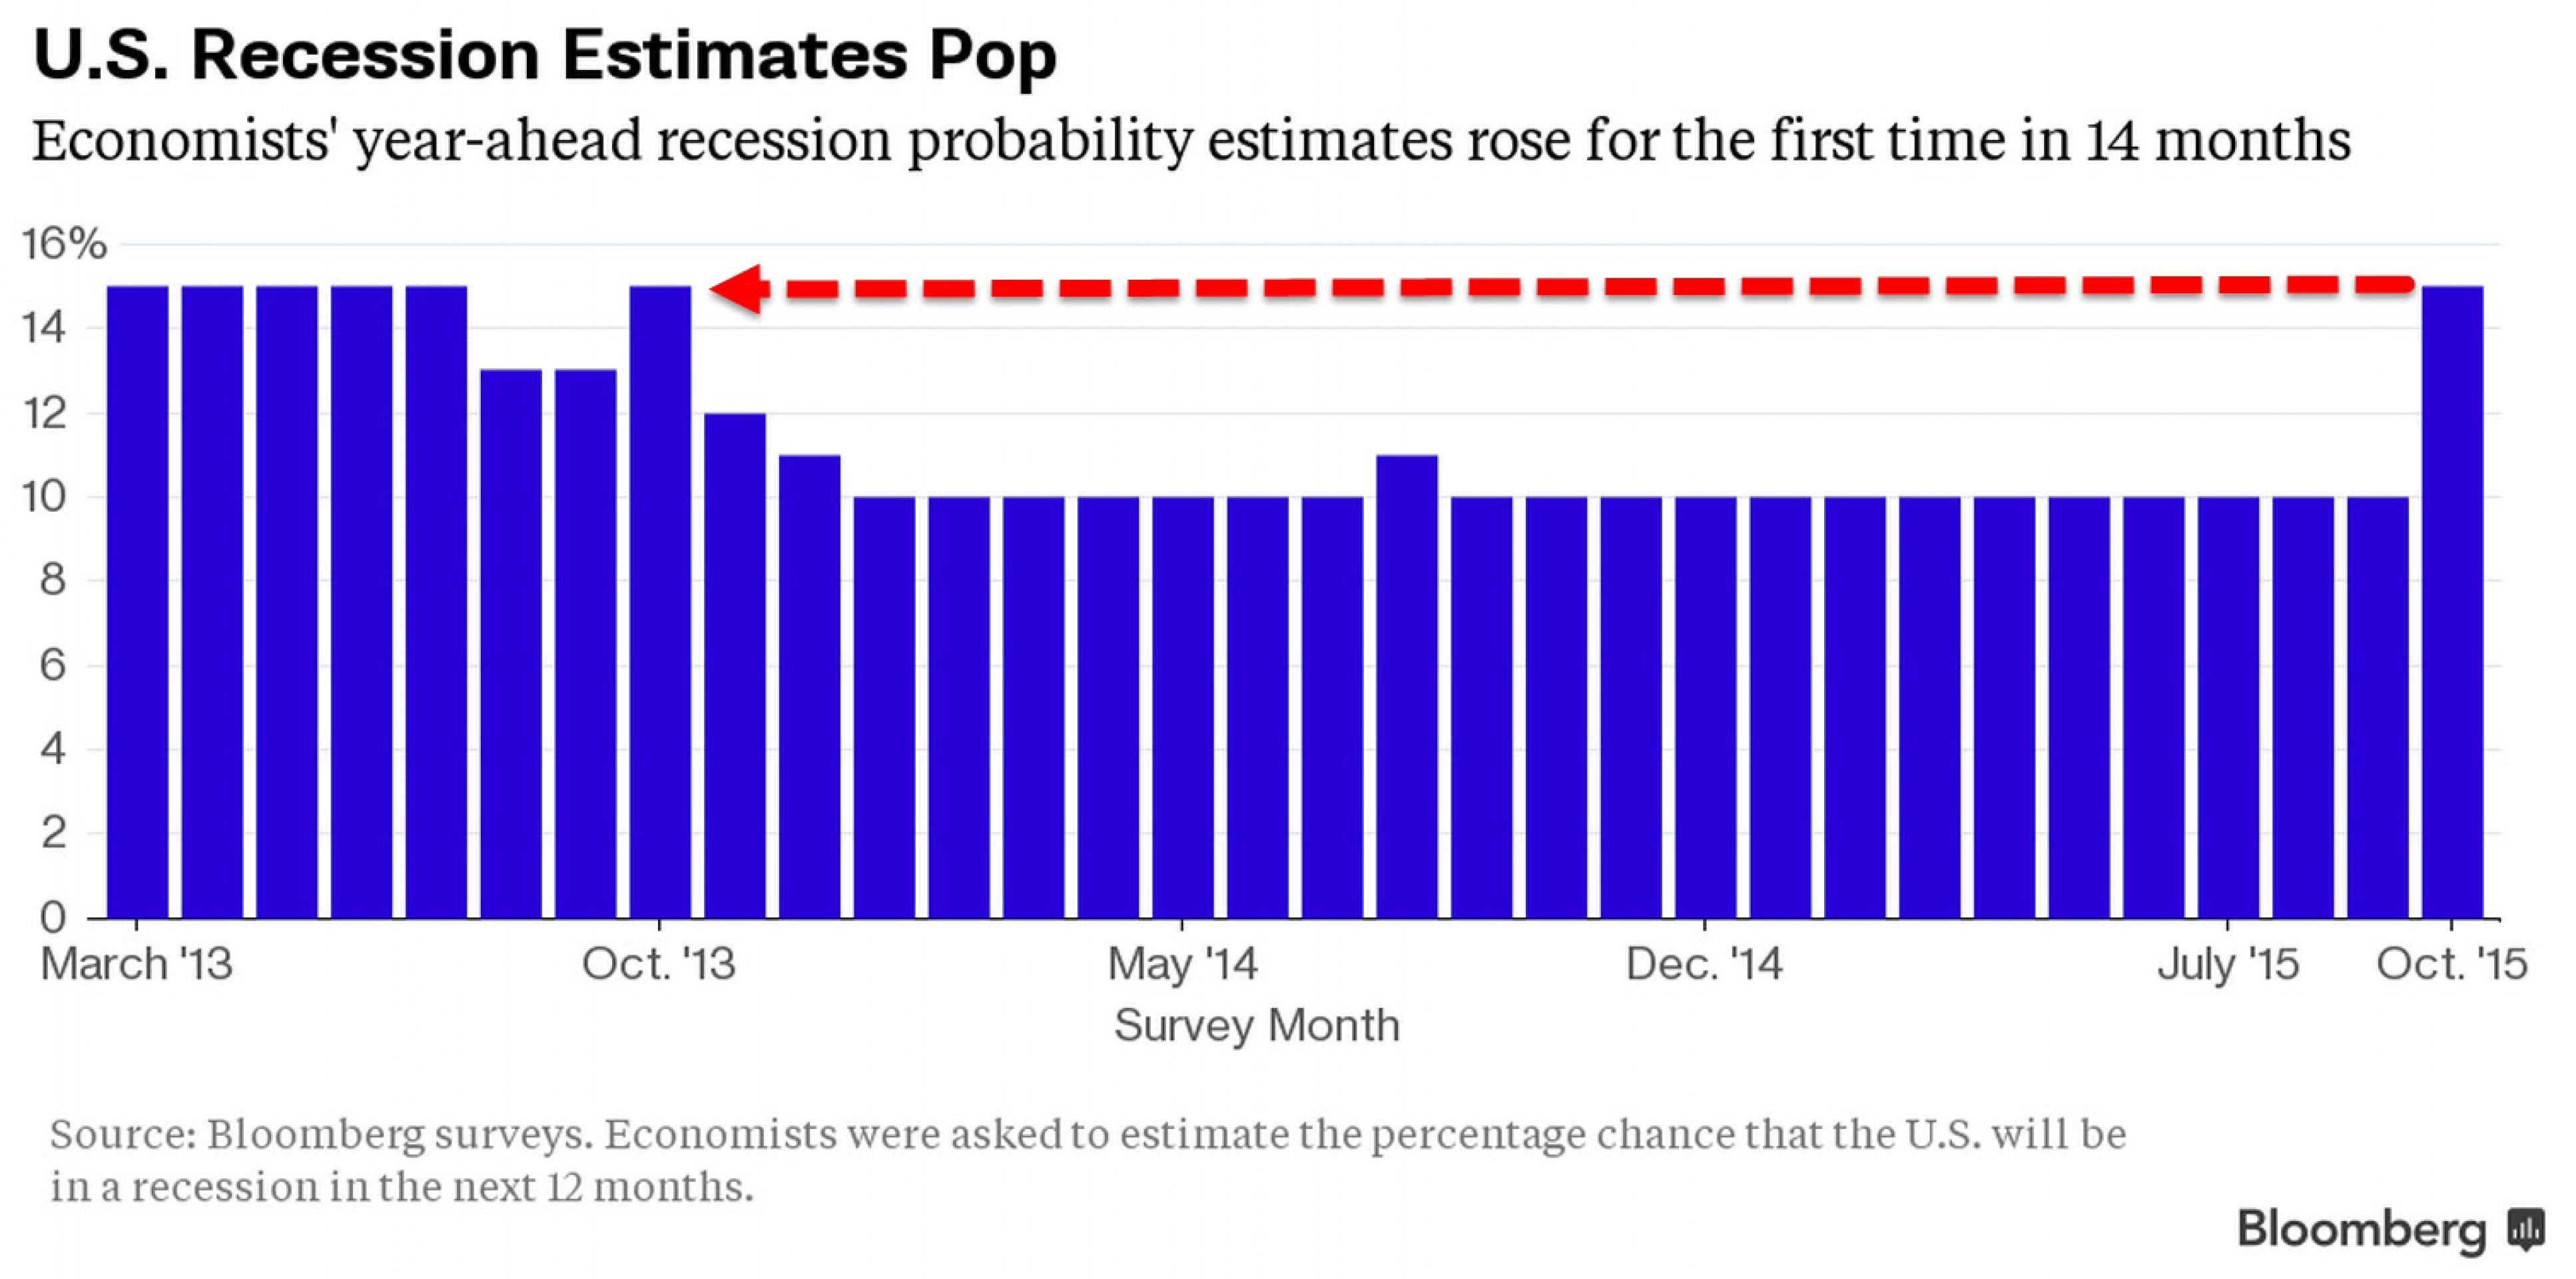 Экономисты еще ждут от ФРС решительных действий